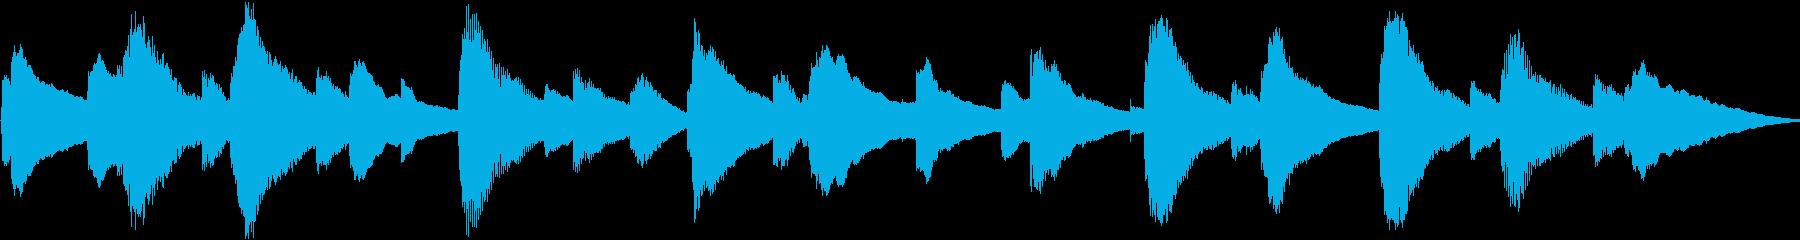 癒し系オルゴールの再生済みの波形